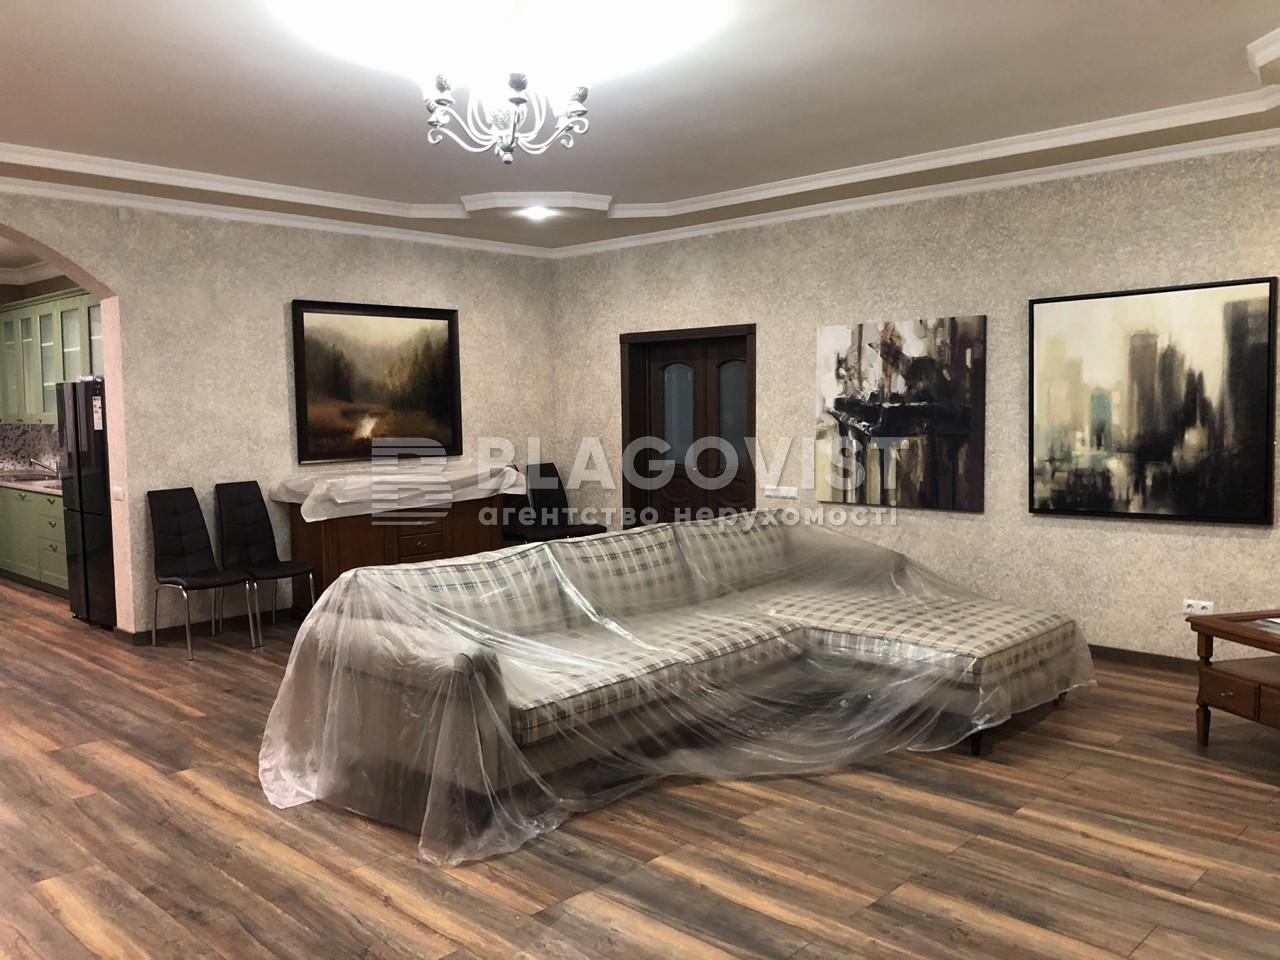 Дом R-37562, Седовцев, Киев - Фото 2